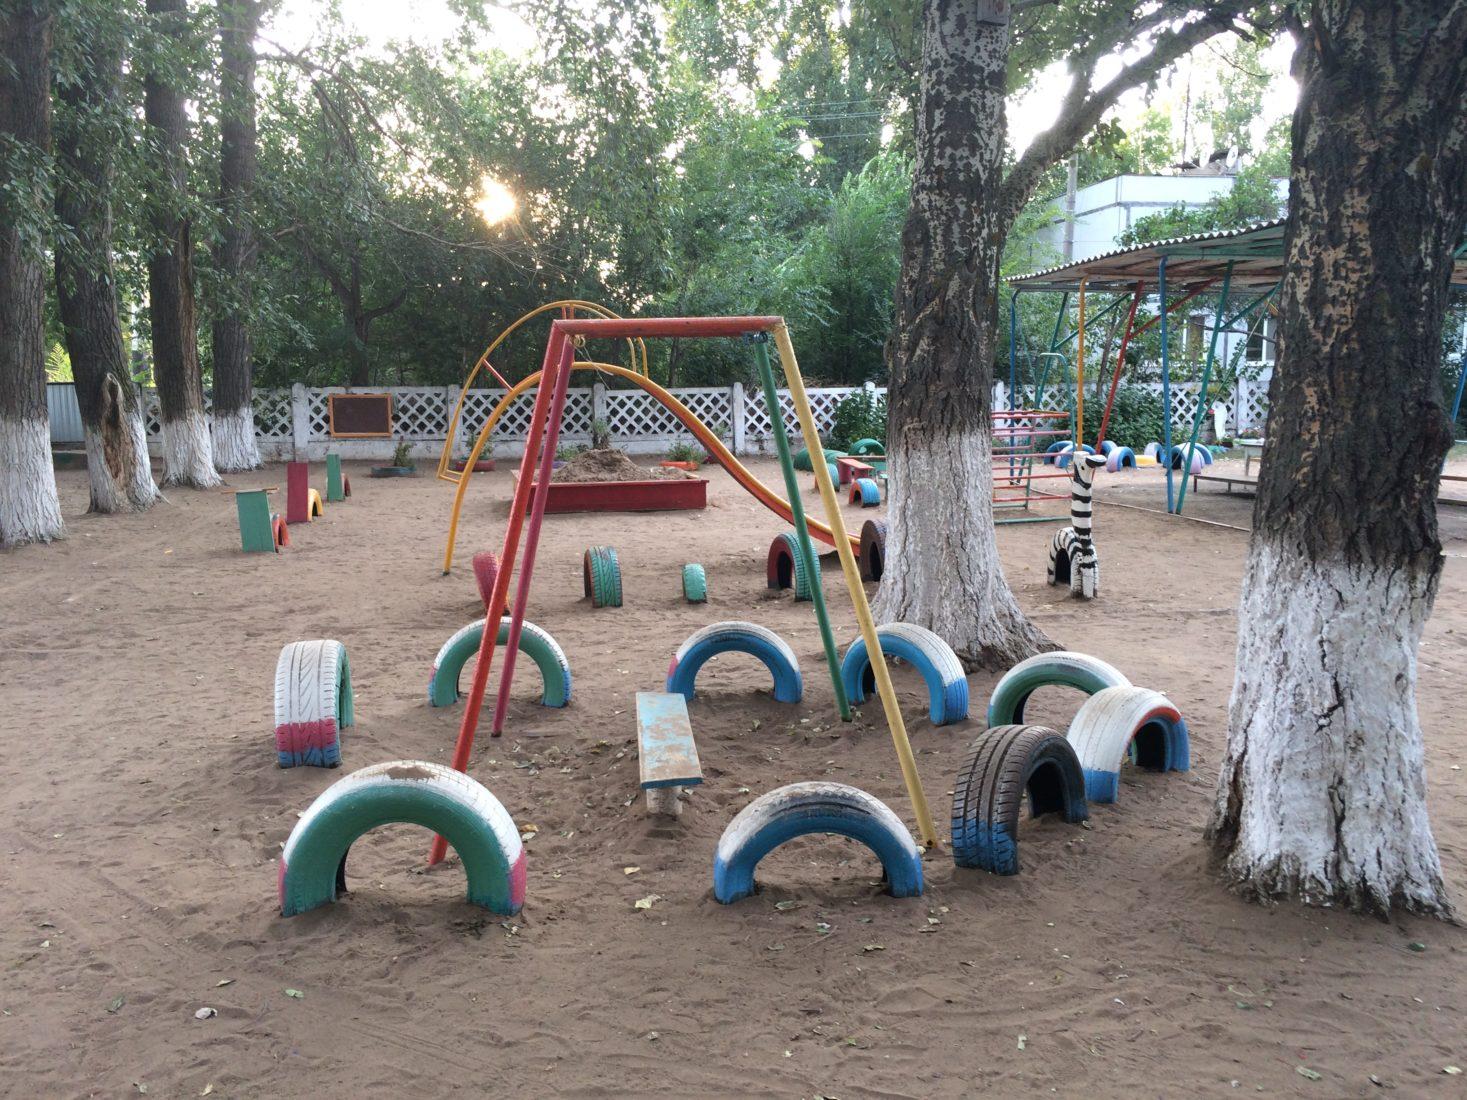 Прошу увеличить количество детских садов и улучшить их благоустройство